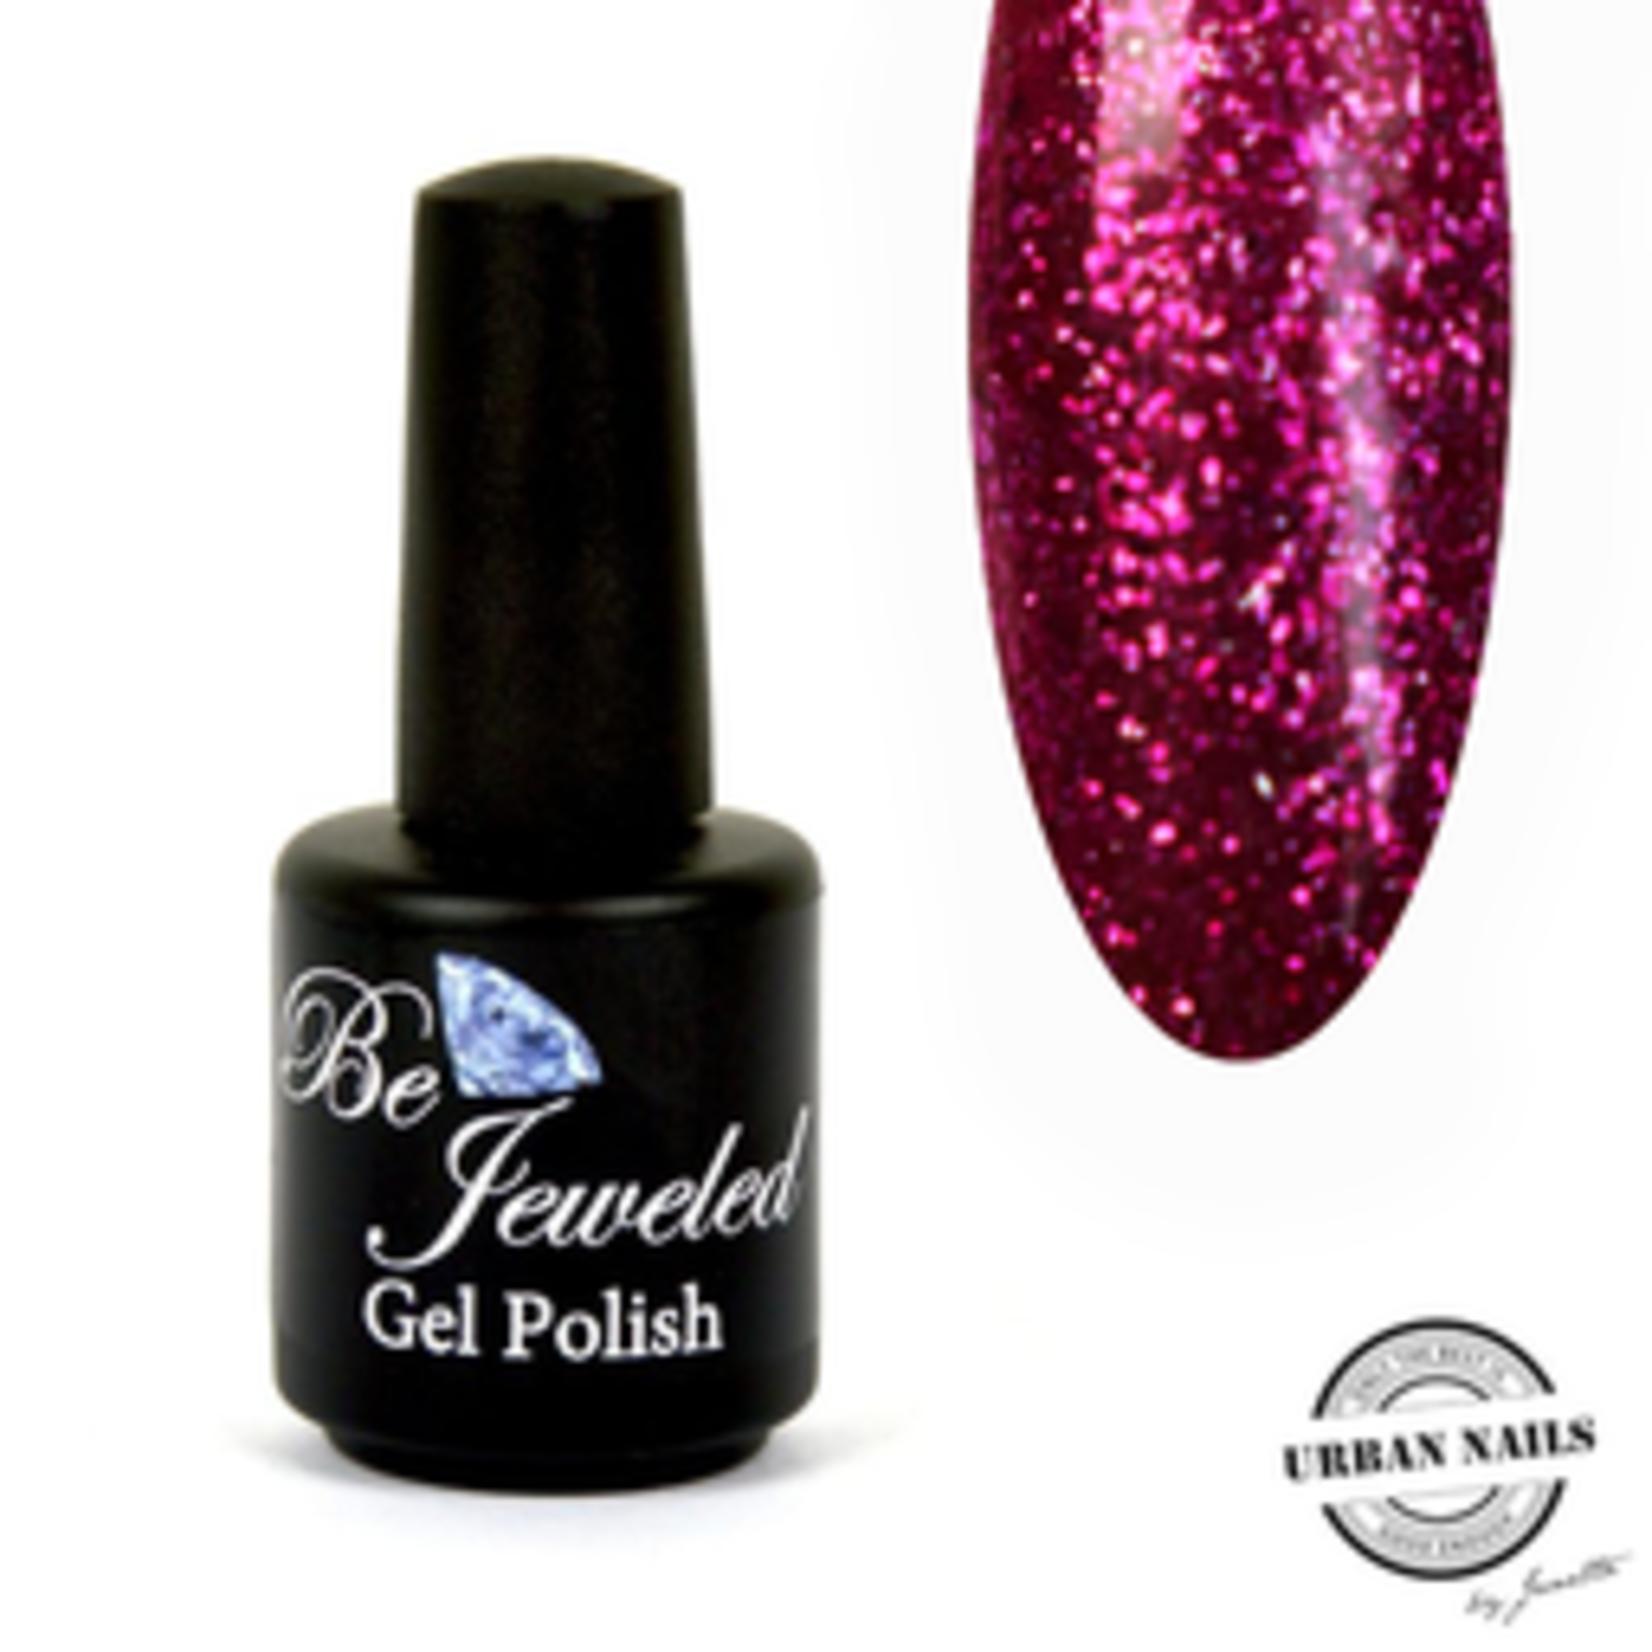 Urban Nails Be Jeweled Gelpolish 114 Fuchsia Glitter